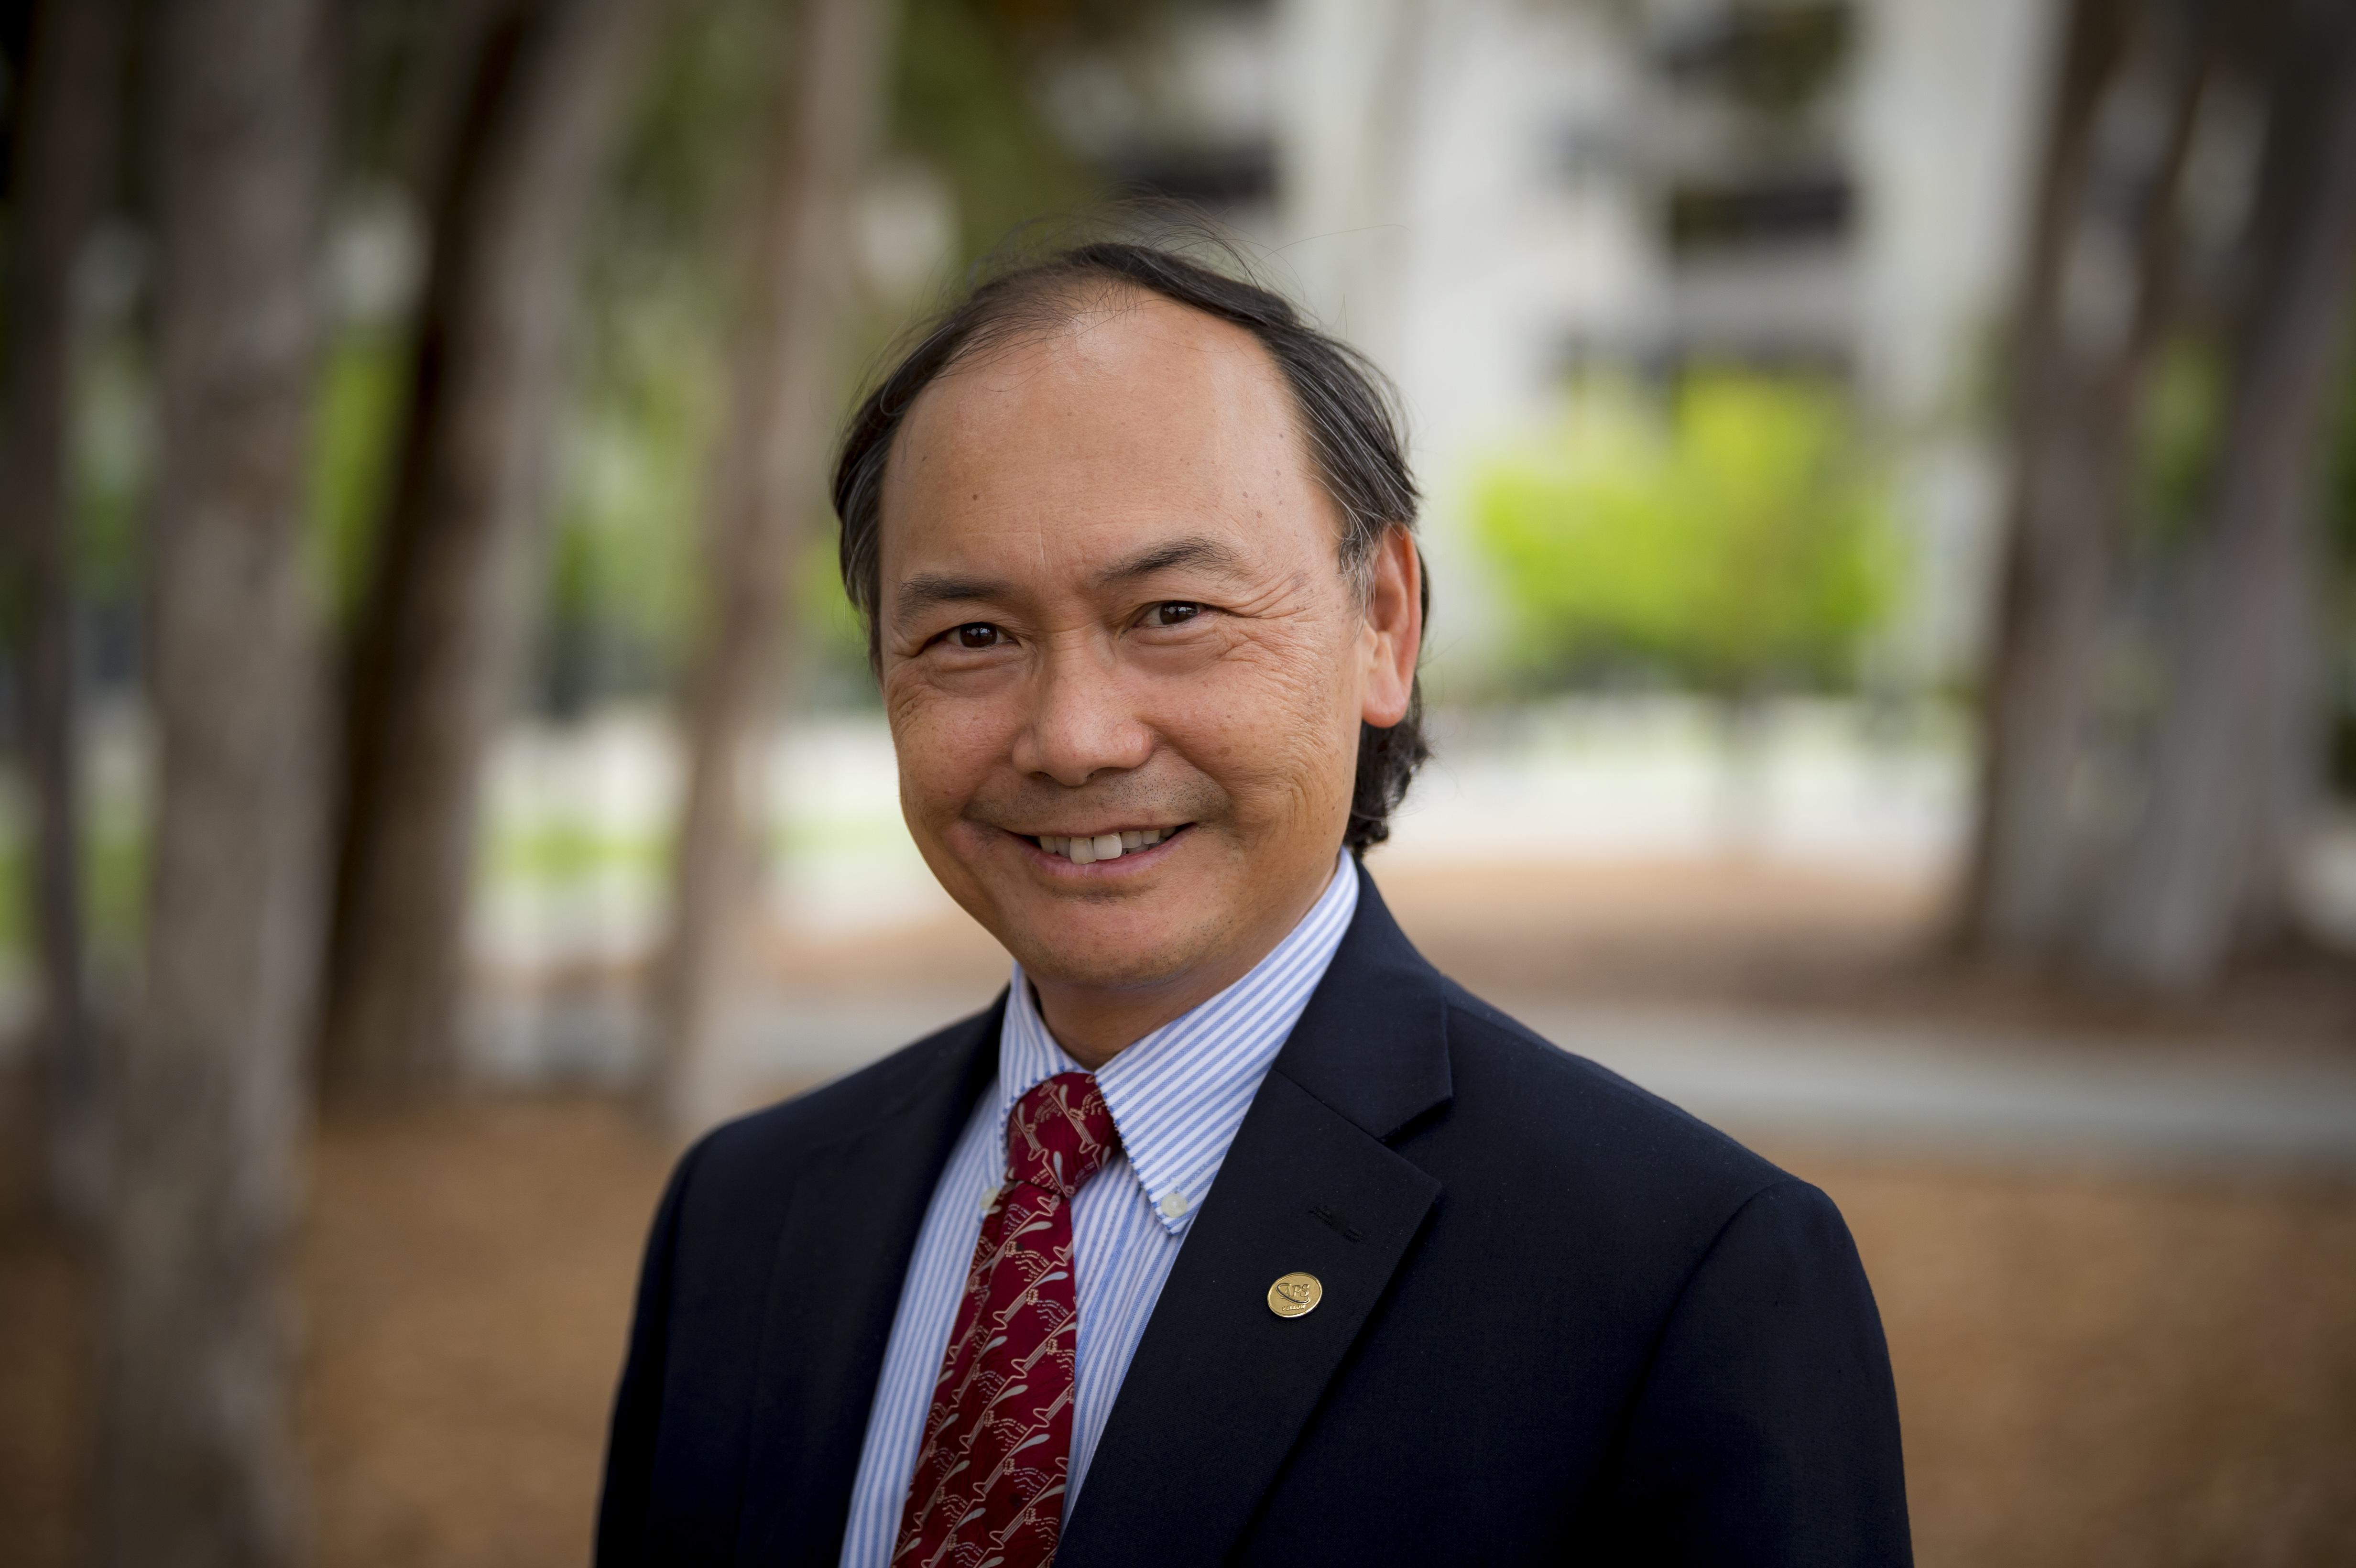 Dr. Charles Tu